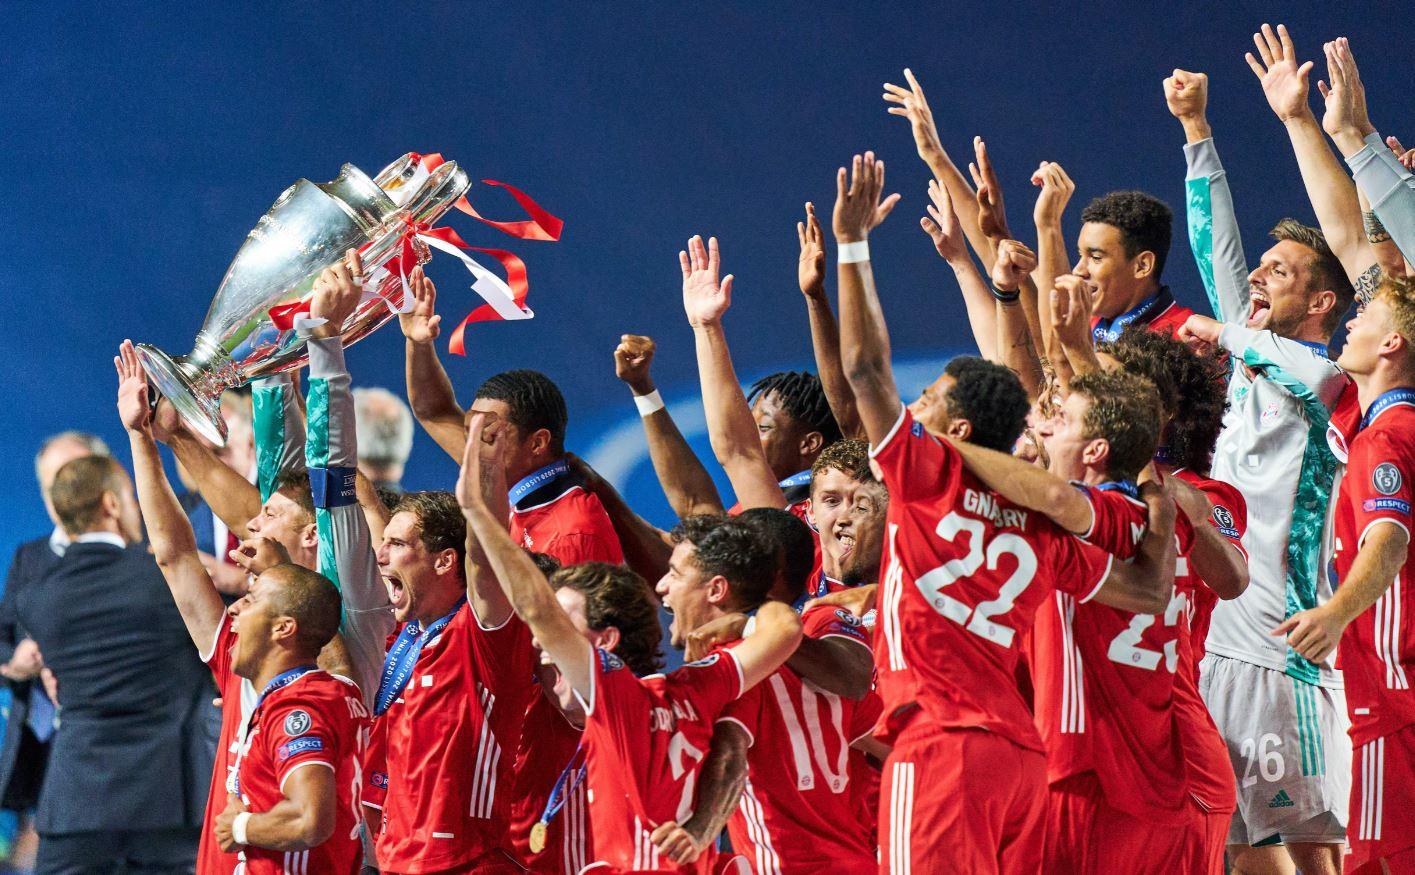 pronósticos para apostar en la champions league con cuotas deportivas